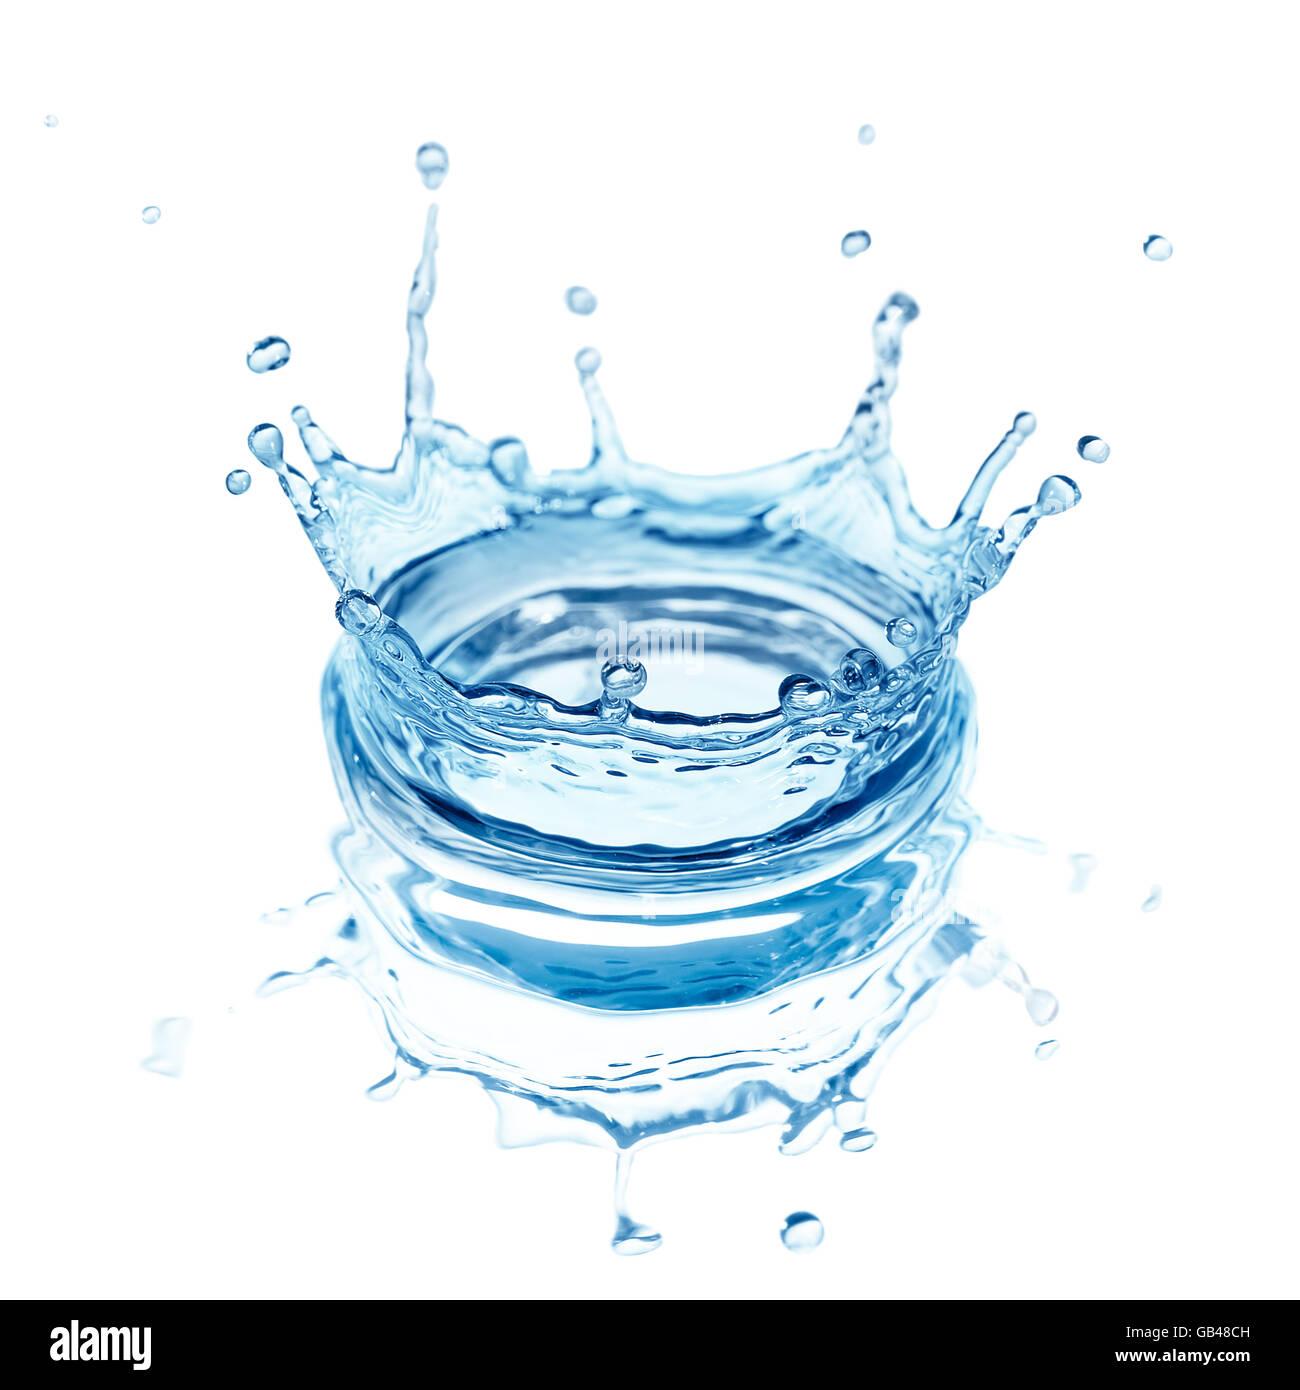 Splash acqua isolate su uno sfondo bianco Immagini Stock